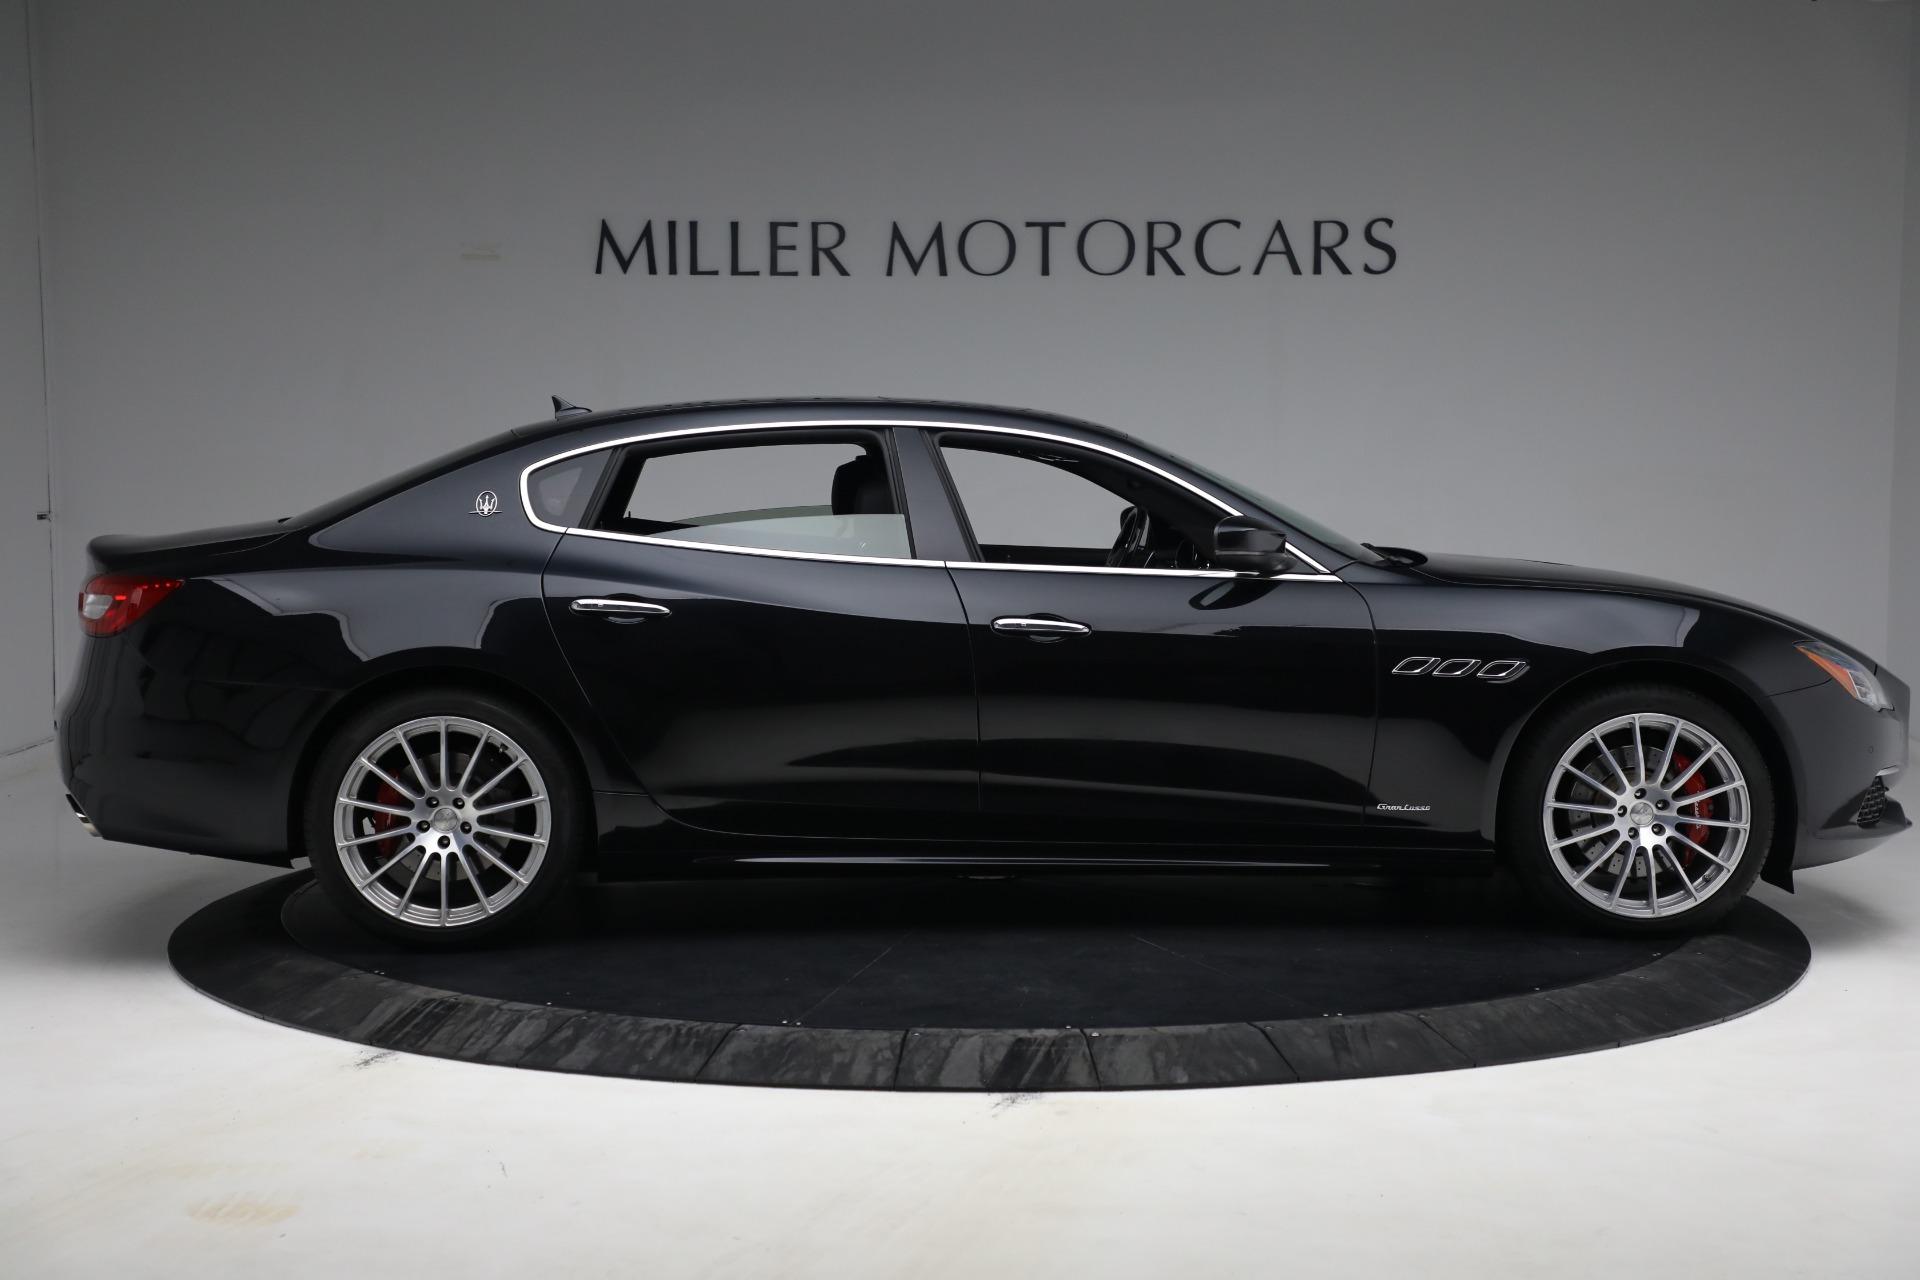 New 2019 Maserati Quattroporte S Q4 GranLusso For Sale In Greenwich, CT. Alfa Romeo of Greenwich, M2197 2619_p9